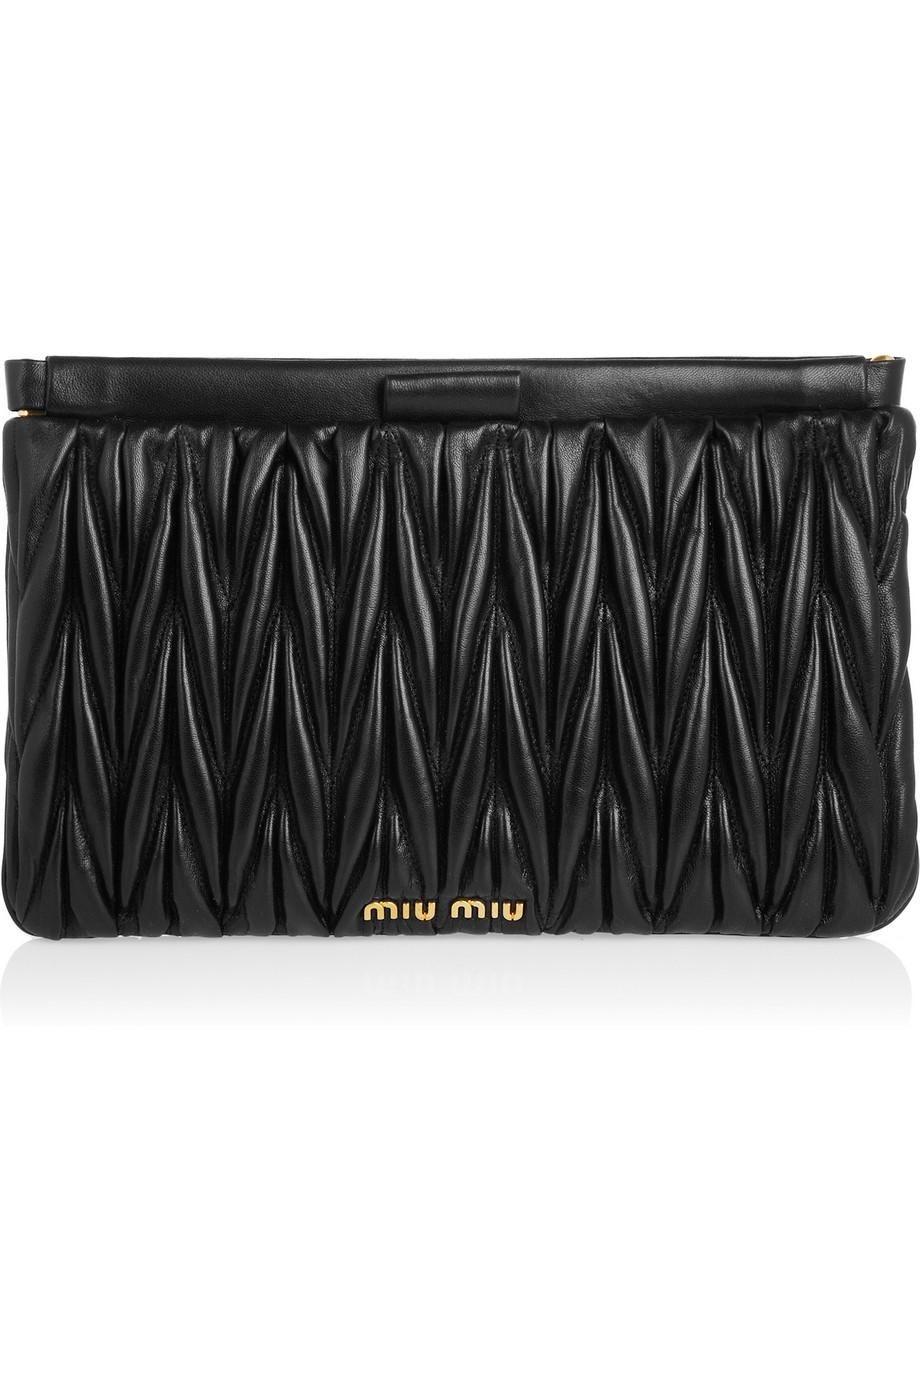 69ee28f6db99 Miu Miu Matelassé leather clutch